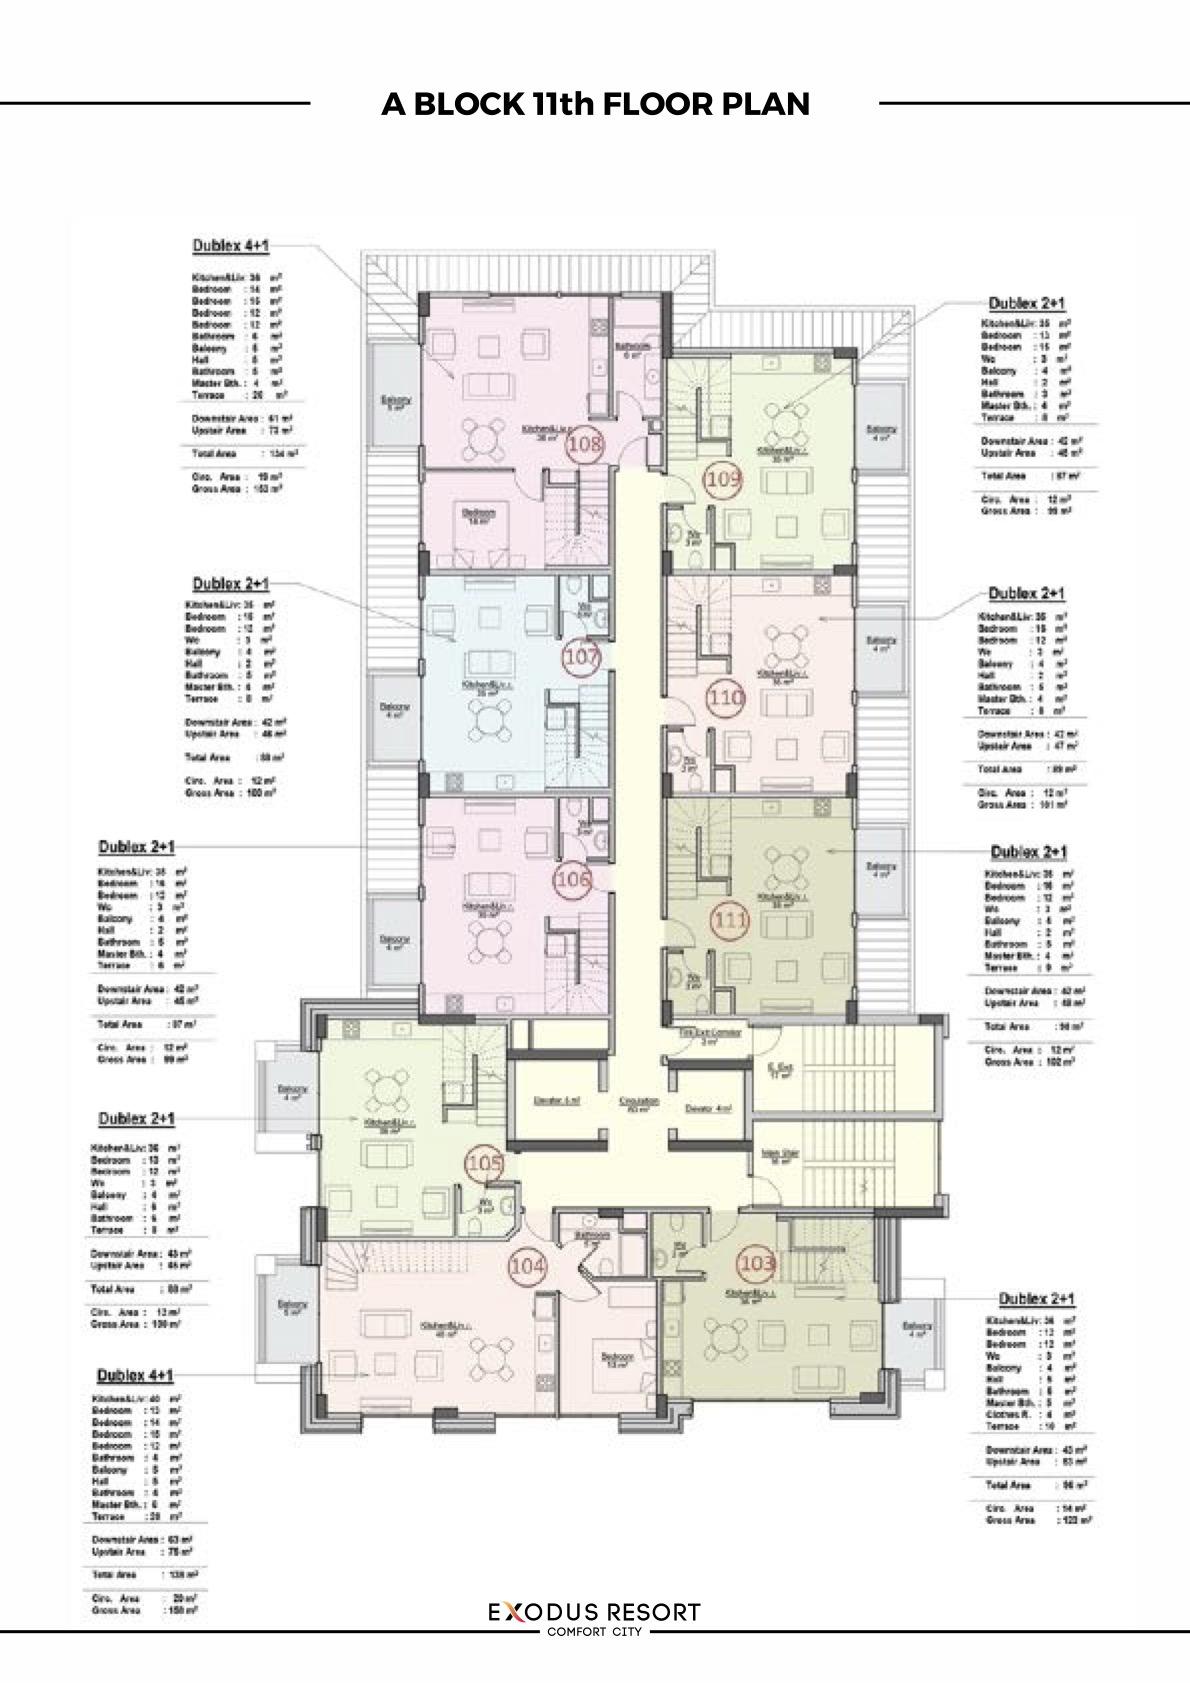 Exodus resort A block 11 floor